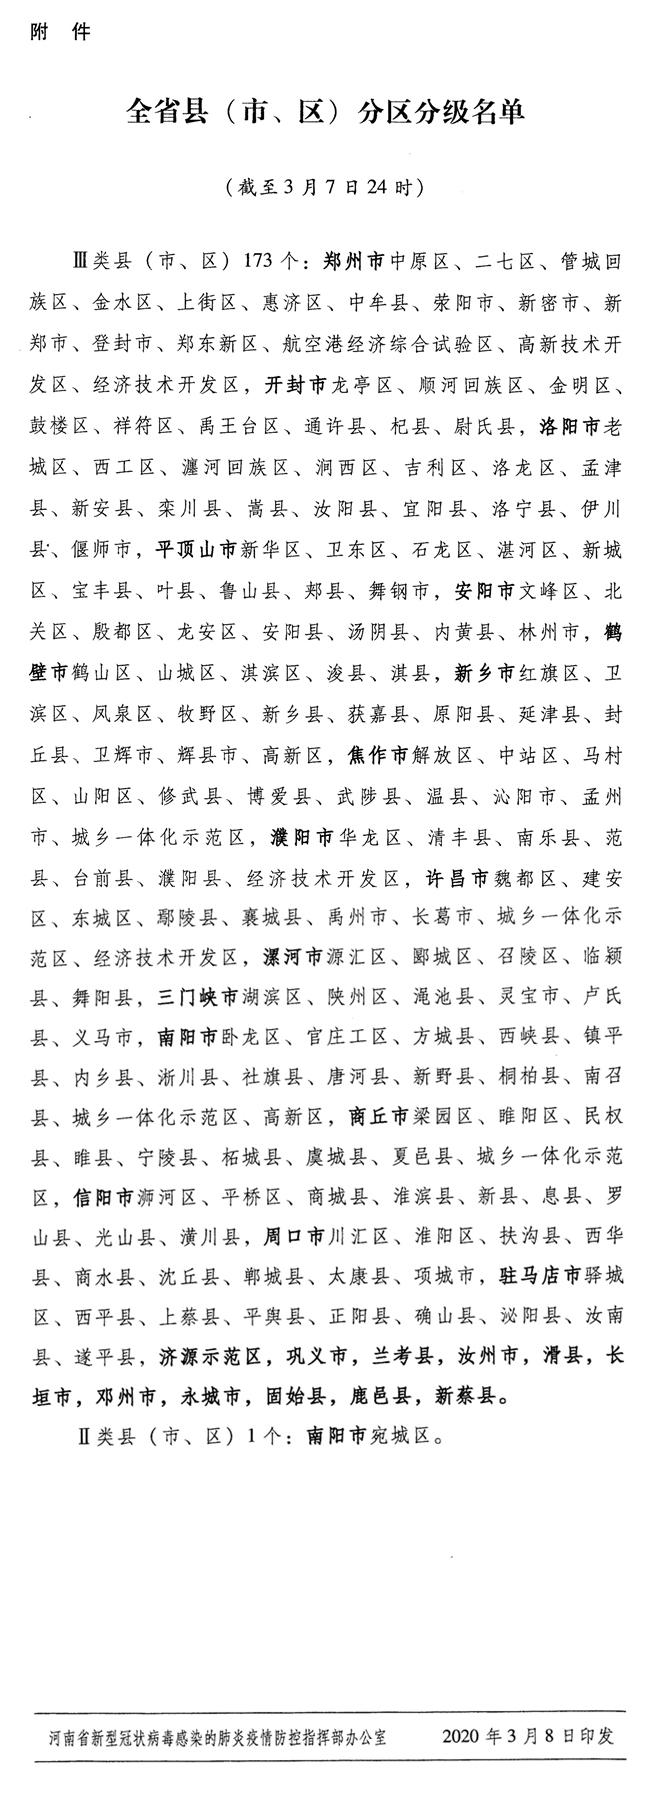 河南公布全省县(市、区)疫情风险等级名单